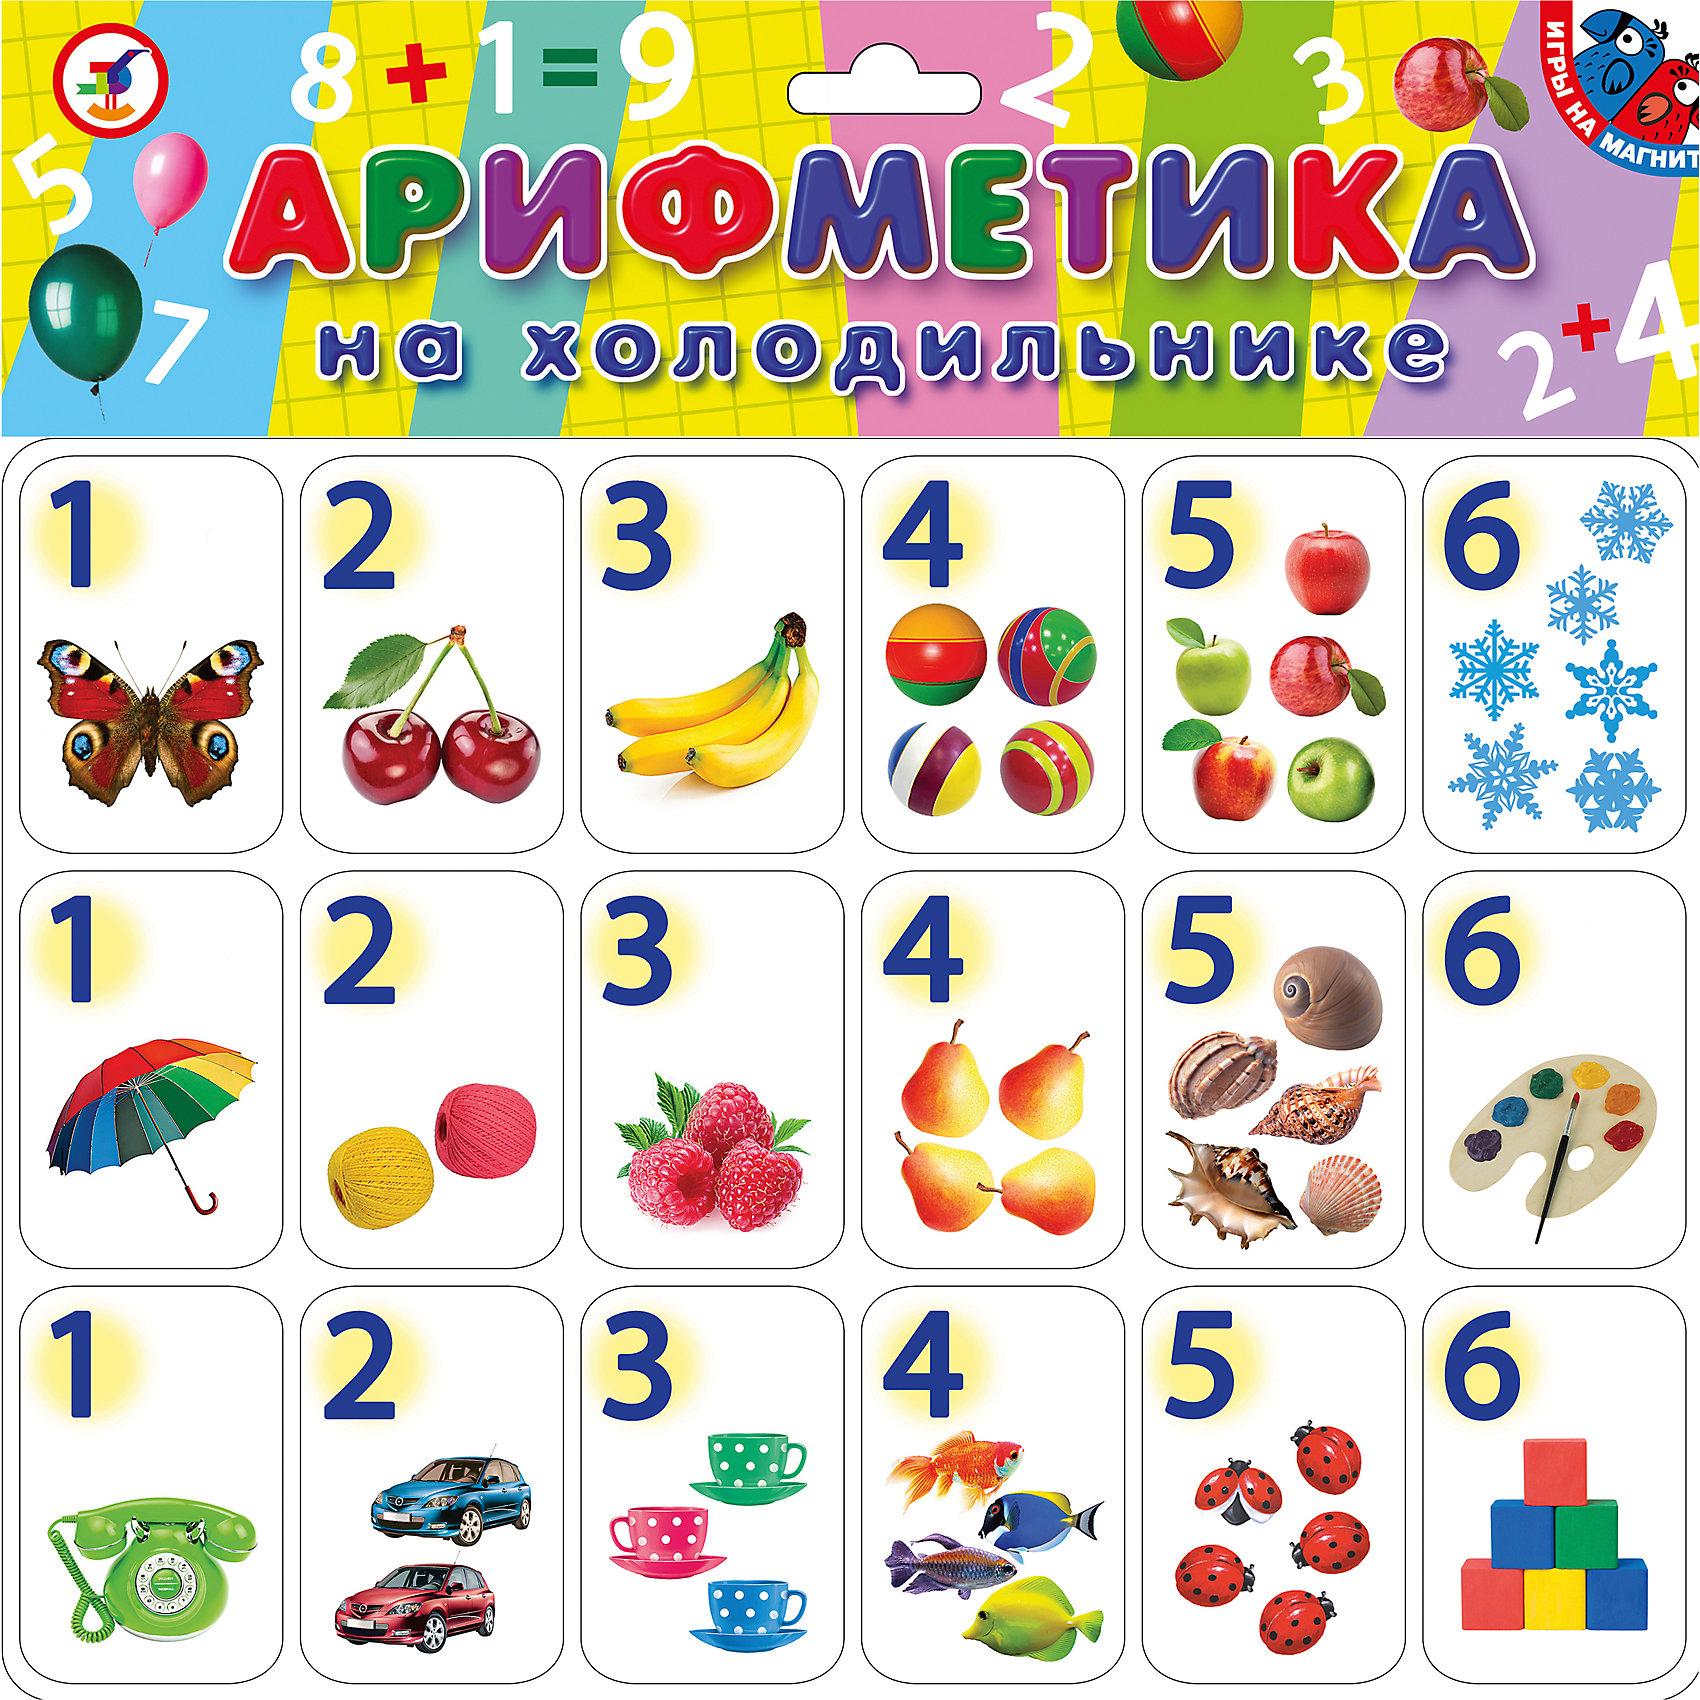 Магнитная арифметика на холодильнике, Дрофа-МедиаКарточные игры<br>Характеристики магнитной арифметики на холодильнике:<br><br>- возраст: от 3 лет<br>- пол: для мальчиков и девочек<br>- комплект: 18 магнитных карточек.<br>- материал: картон, бумага, магниторезина.<br>- размер упаковки: 21.5 * 0.2 * 29 см.<br>- упаковка: пакет с хедером.<br>- бренд: Дрофа-Медиа<br>- страна обладатель бренда: Россия.<br><br>С веселыми магнитами «Арифметика на холодильнике» изучение и запоминание цифр превратилось из скучного и порой сложного процесса в увлекательную игру. В наборе 18 ярких магнитиков с красивыми картинками — рыбками, утятами, грузовиками, домиками, яблочками и игрушками. На каждом магните помимо картинки есть цифра от 1 до 6. Их можно по-разному переставлять, создавая каждый раз новую цифровую комбинацию. Магниты можно крепить не только на холодильник, но и на любую металлическую поверхность.<br><br>Магнитную арифметику на холодильнике издательства Дрофа-Медиа можно купить в нашем интернет-магазине.<br><br>Ширина мм: 215<br>Глубина мм: 2<br>Высота мм: 290<br>Вес г: 100<br>Возраст от месяцев: 36<br>Возраст до месяцев: 2147483647<br>Пол: Унисекс<br>Возраст: Детский<br>SKU: 5386284